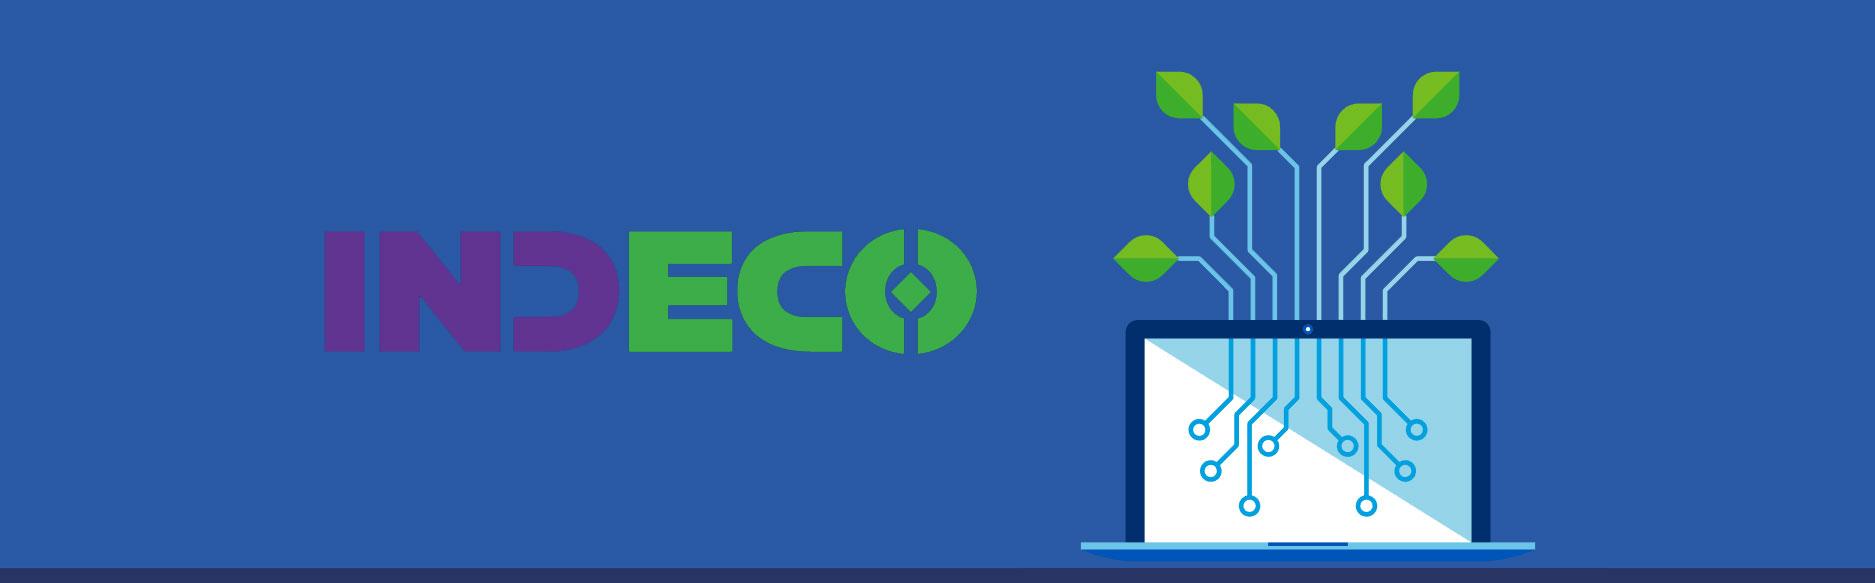 Indeco – truCrowd Partner & DATI Prospective Client